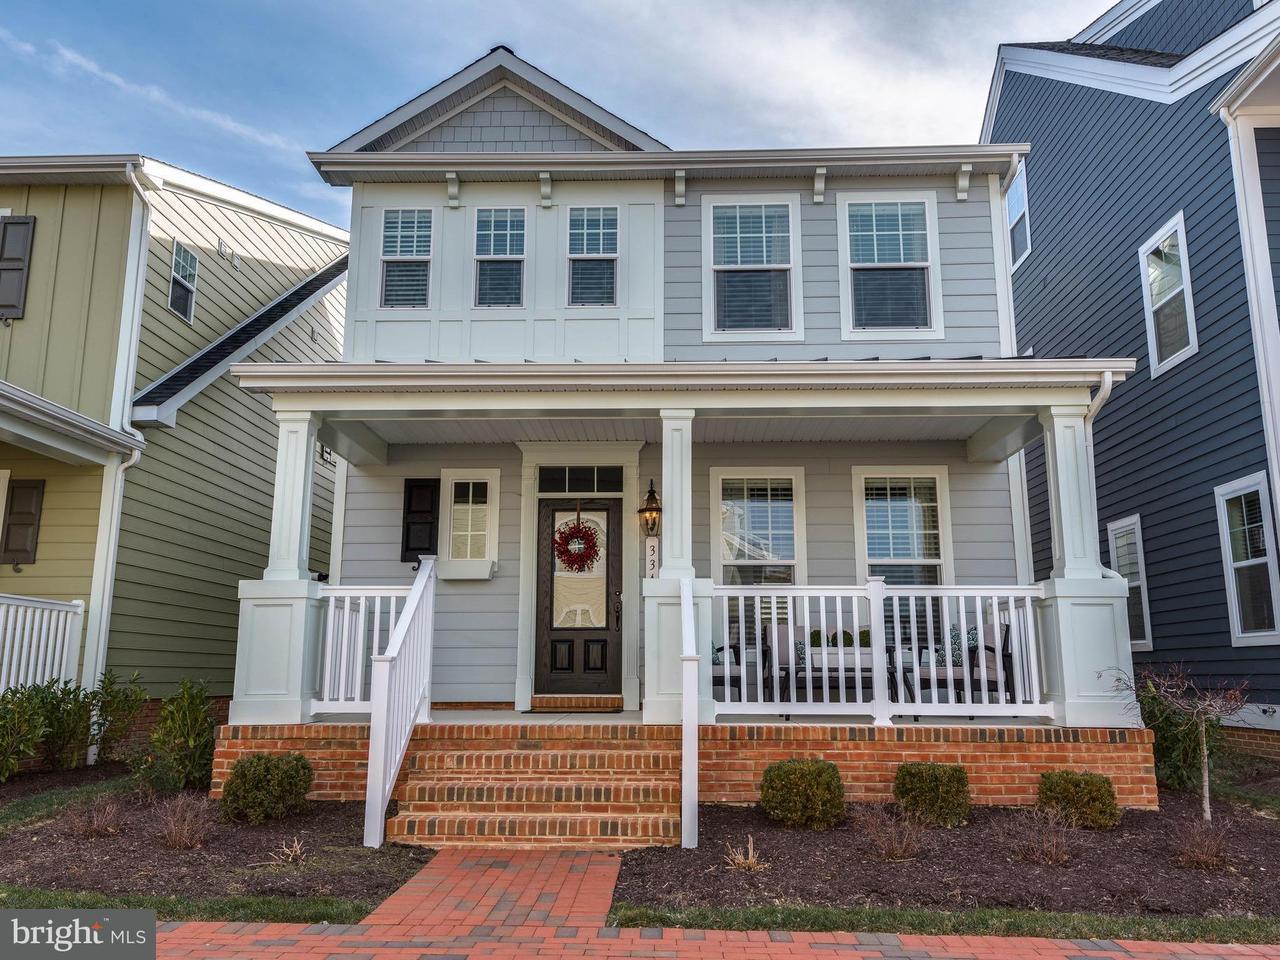 단독 가정 주택 용 매매 에 334 Thomas White Blvd 334 Thomas White Blvd Chester, 메릴랜드 21619 미국